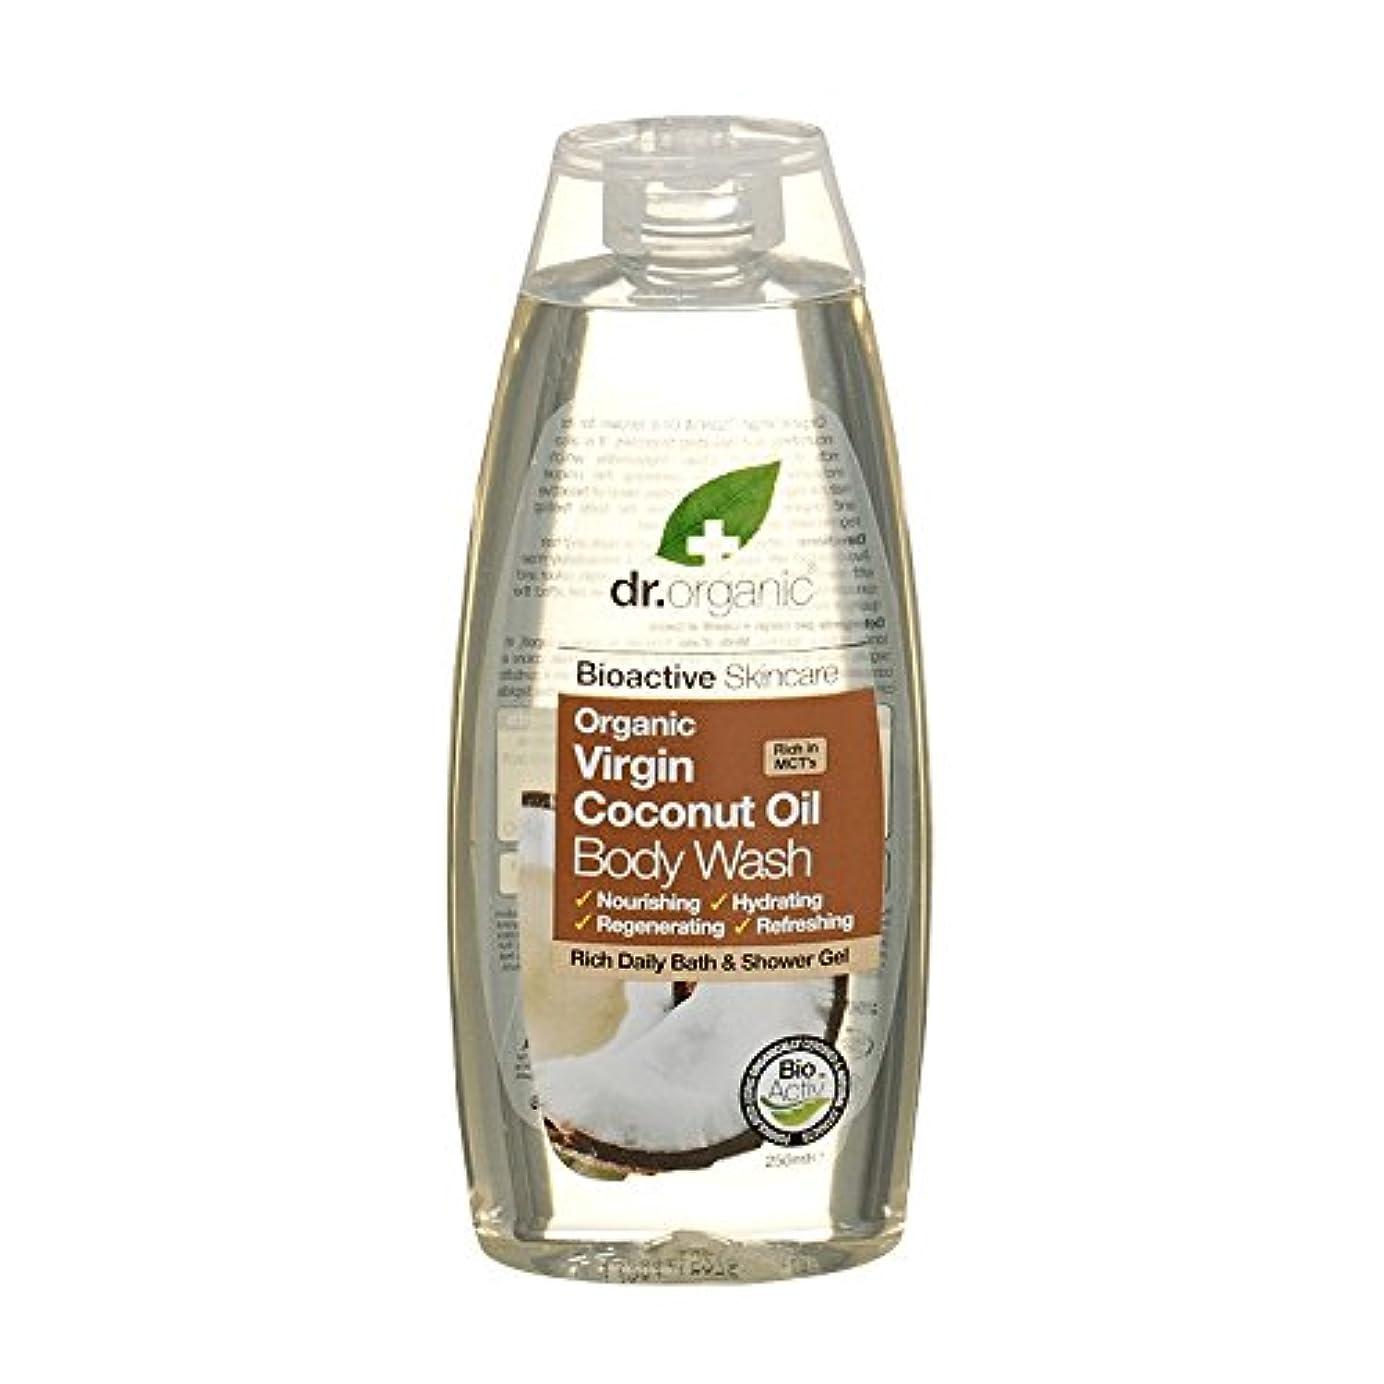 怠素朴なの面ではDr有機有機バージンココナッツオイルボディウォッシュ - Dr Organic Organic Virgin Coconut Oil Body Wash (Dr Organic) [並行輸入品]